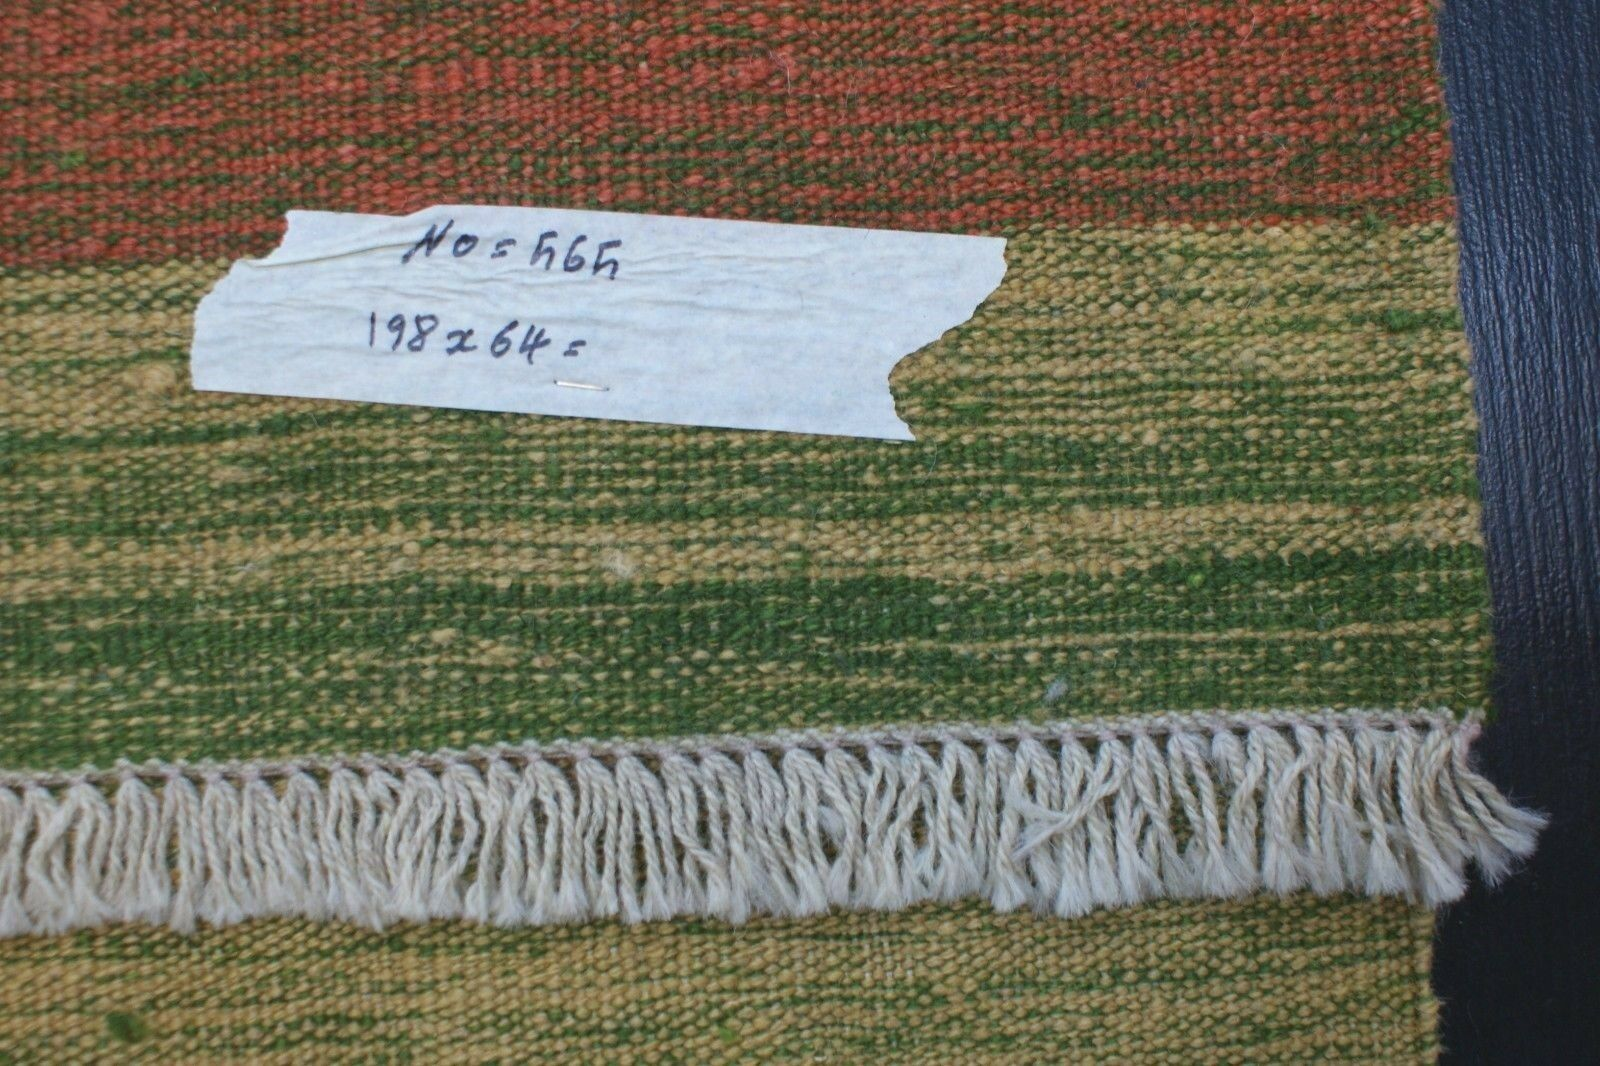 Nr Nr Nr 565 Handgewebter Per. Teppich Ghashgai KELIM Unikat Natur Farbe ca 198 x 64 4f1933